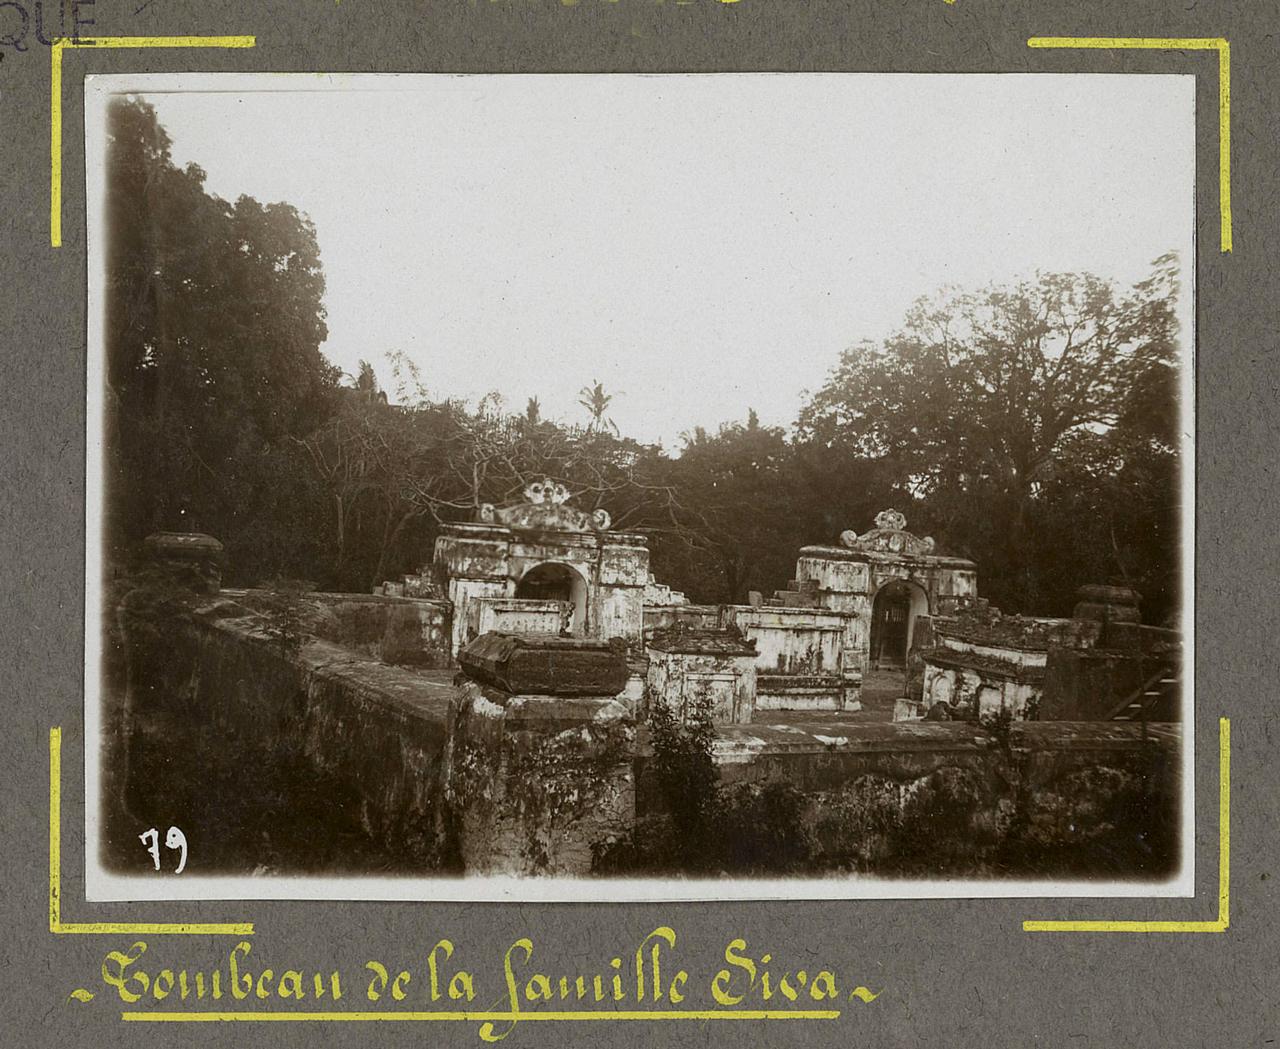 Khu lăng mộ Thoại Ngọc Hầu ngày xưa